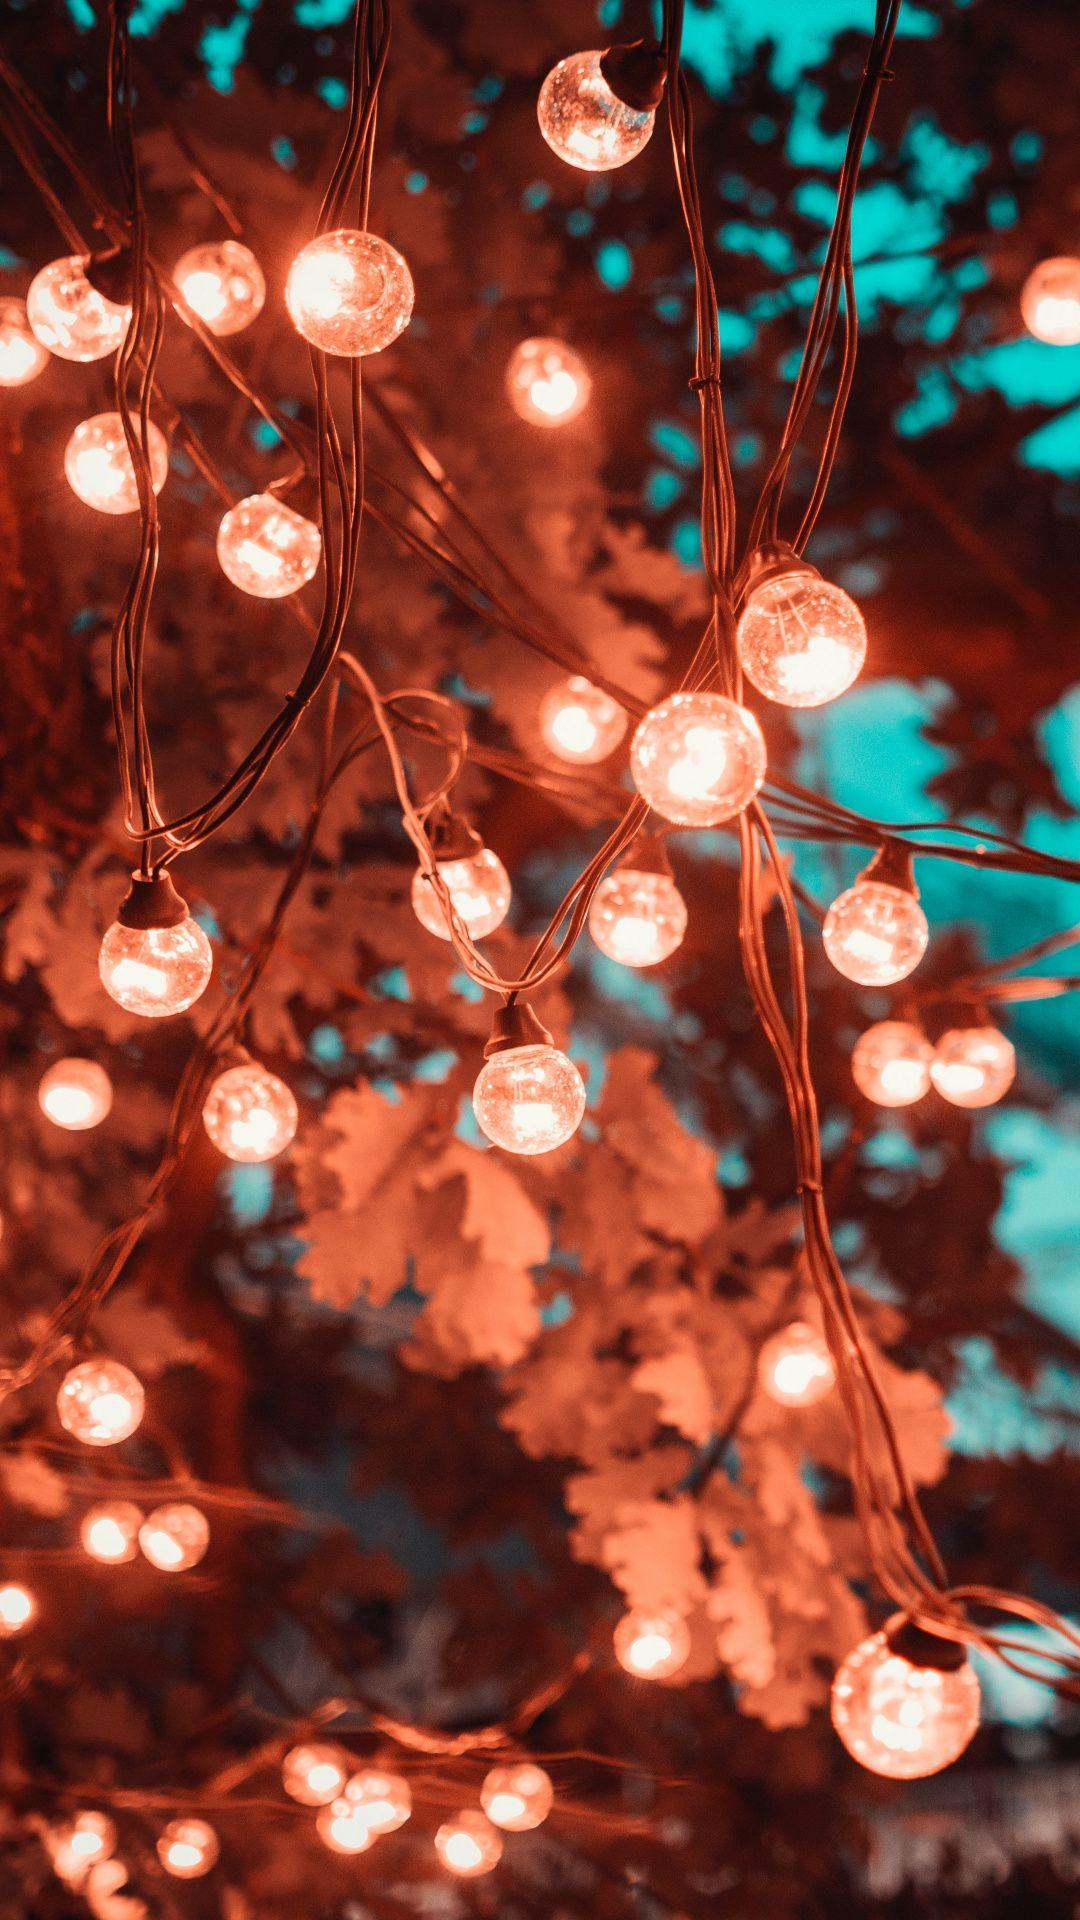 Christmas Lights Lockscreen - Iphone Light Wallpaper Hd , HD Wallpaper & Backgrounds